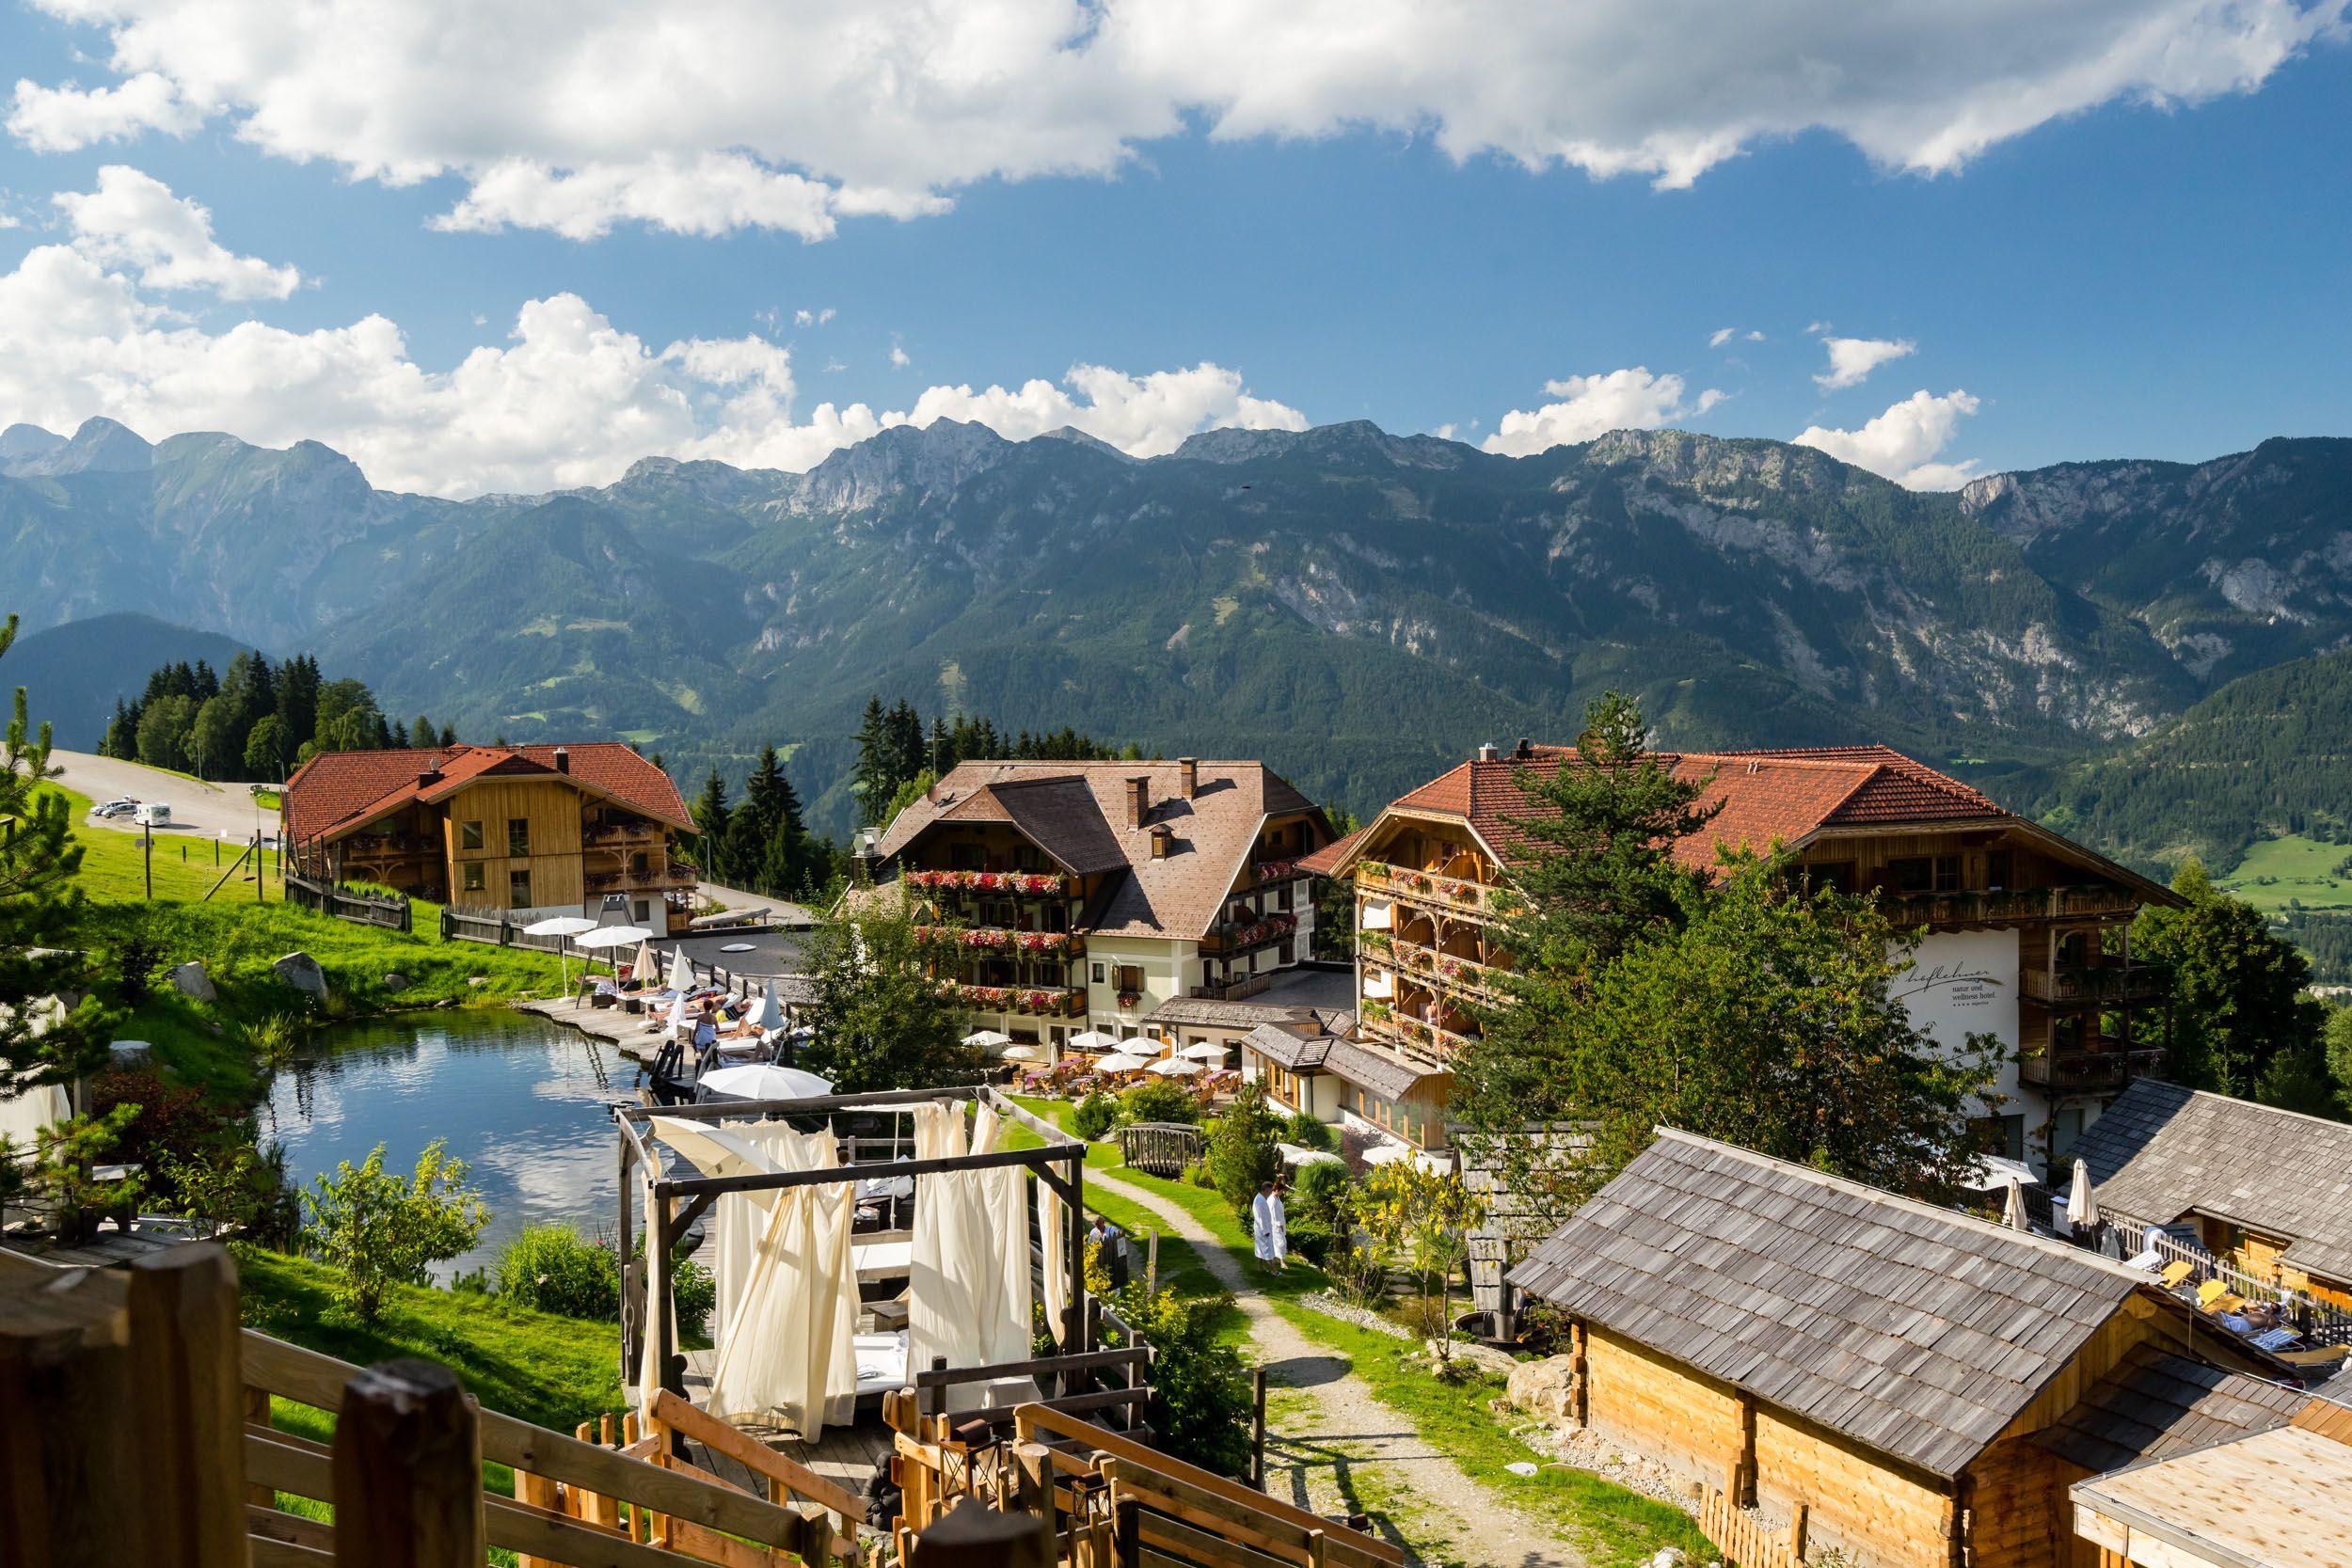 Das Hotel besteht aus drei Häusern und ist von einem großzügigem Aussenbereich umgeben.